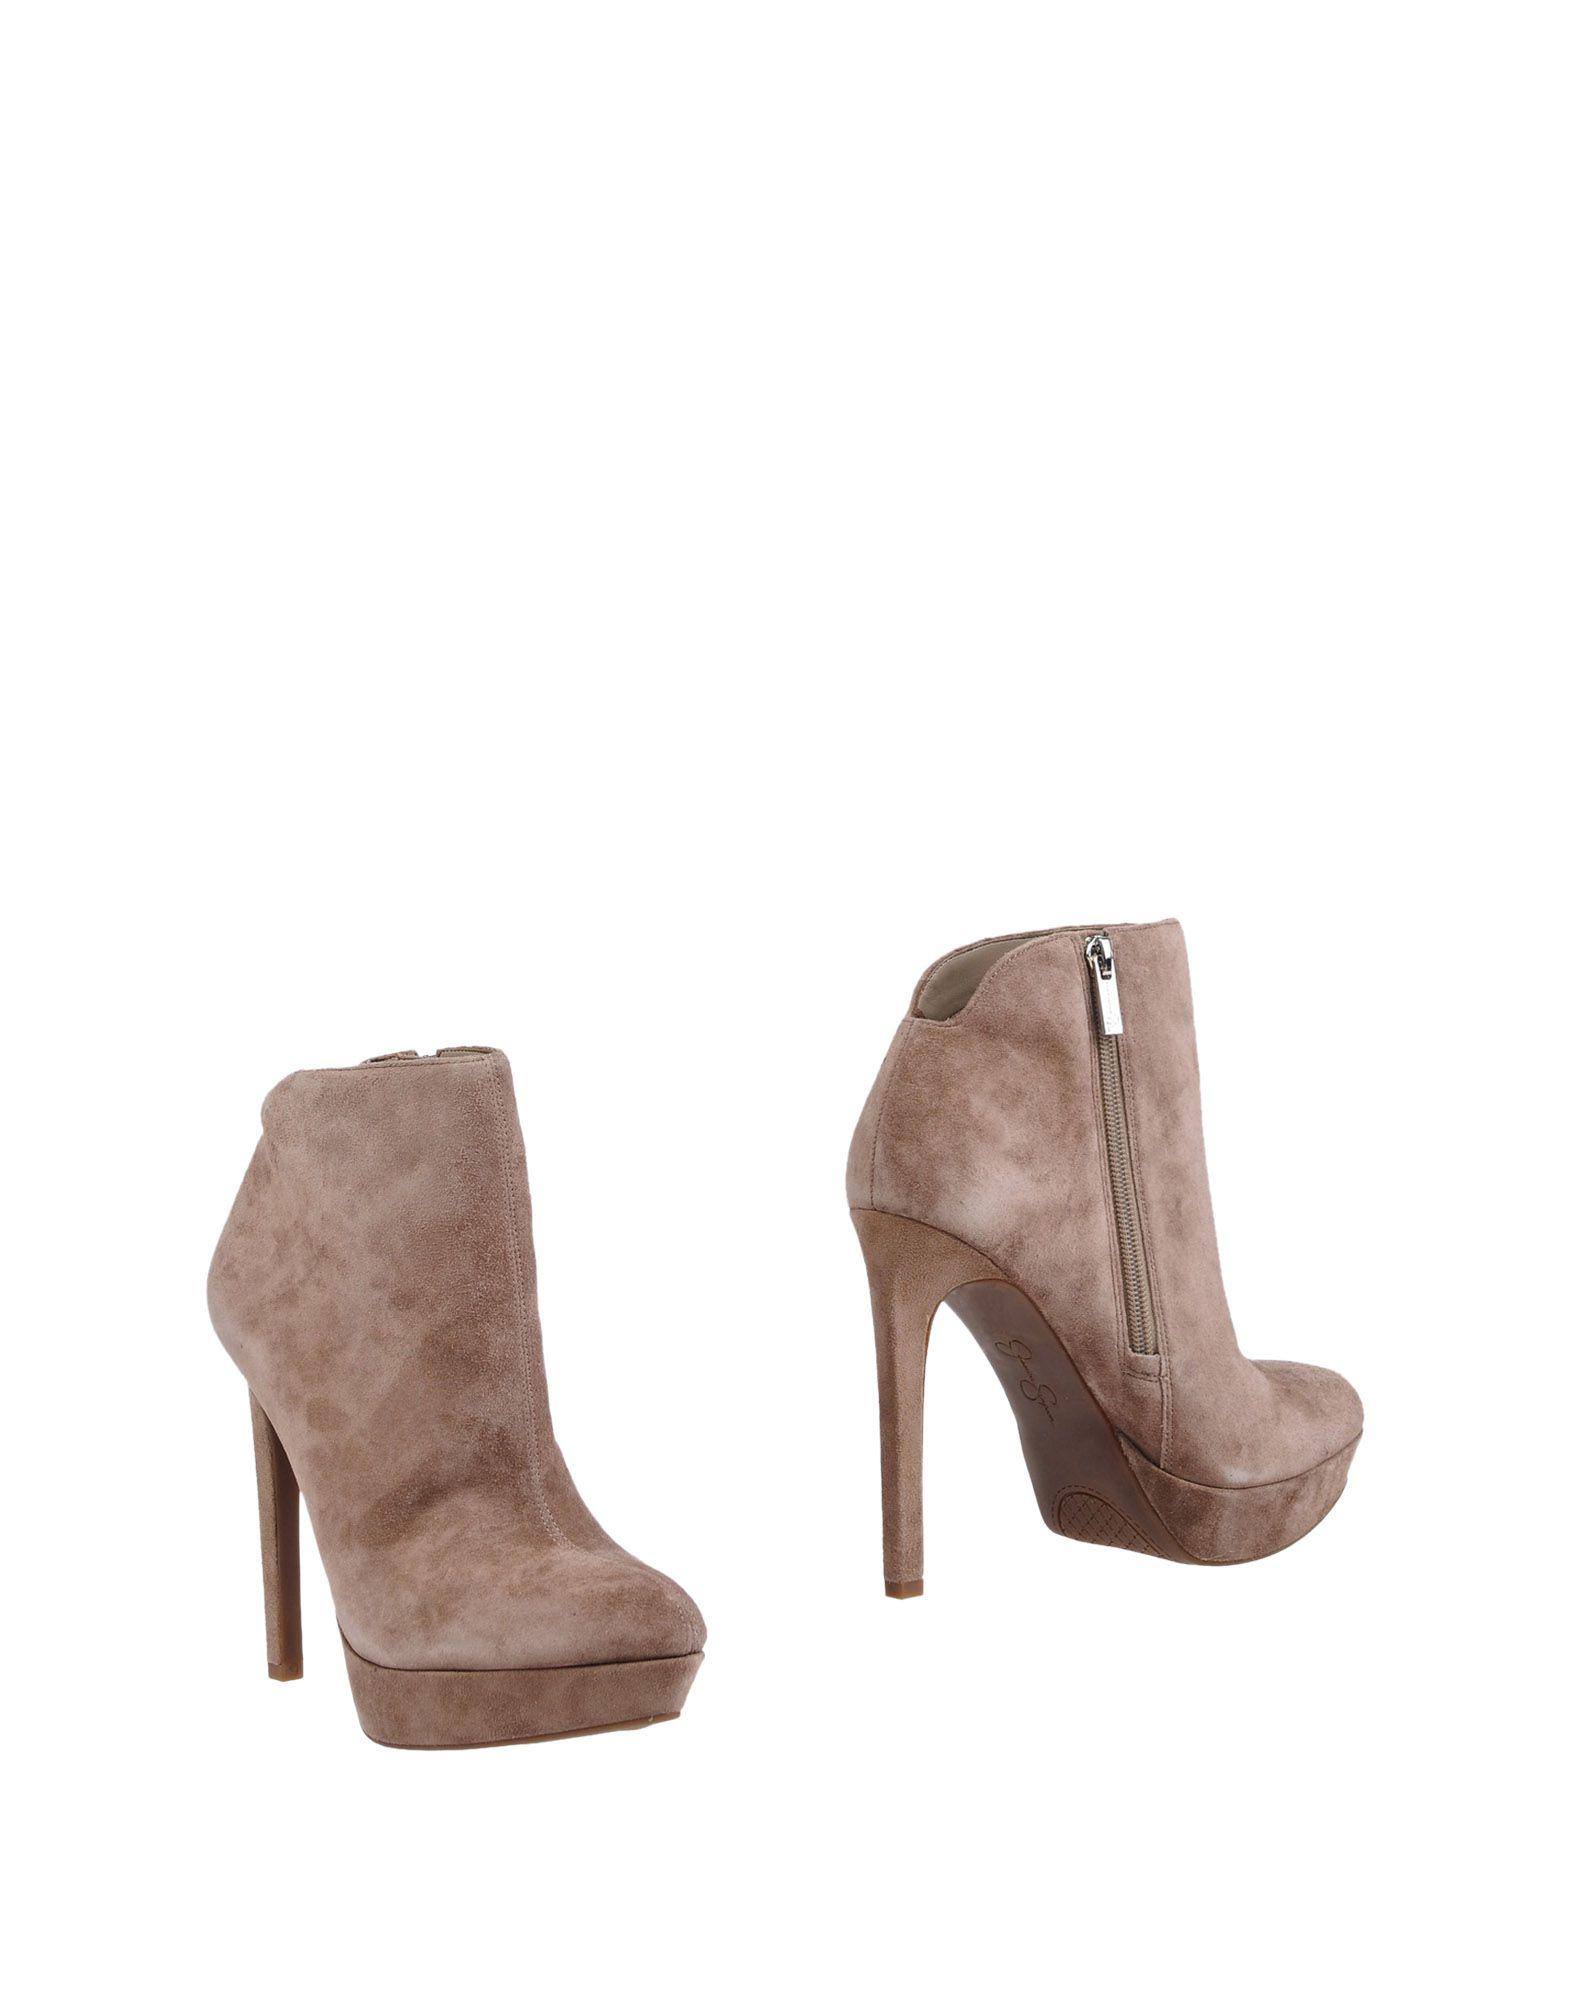 Jessica Simpson Stiefelette Damen  11253248NU Gute Qualität beliebte Schuhe